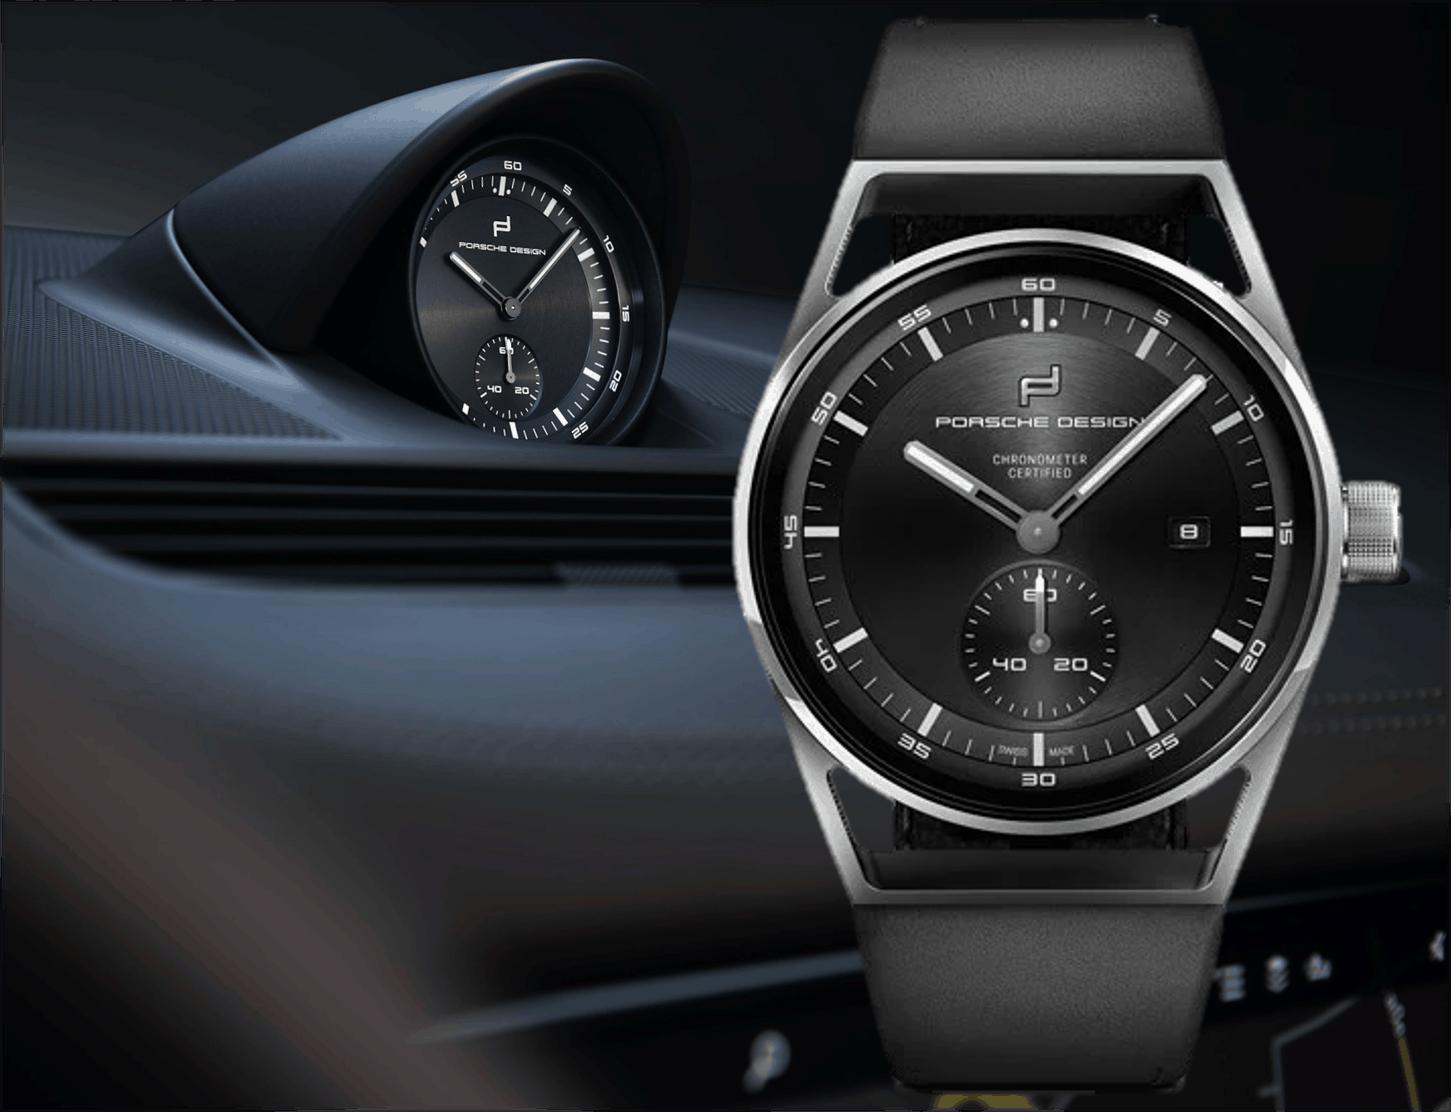 Porsche Design Sport Chrono Subsecond mit 42 mm Gehäuse